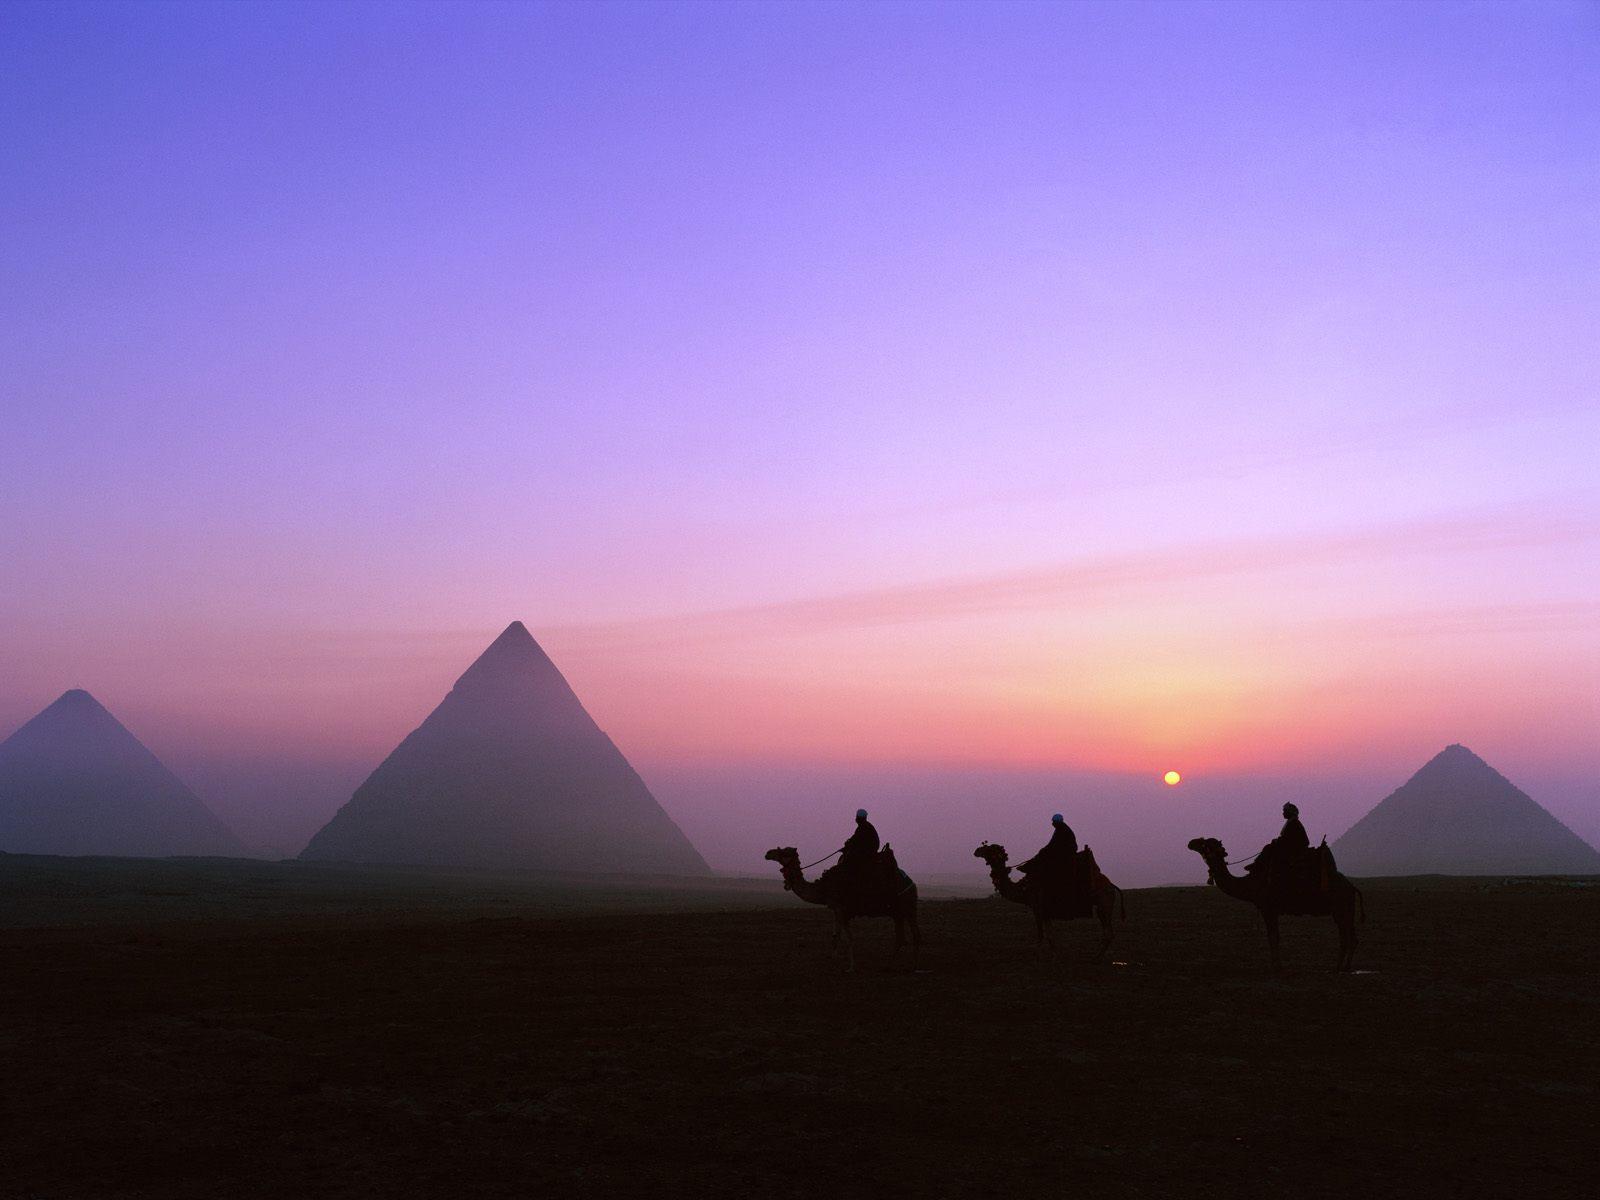 http://1.bp.blogspot.com/-WfWQpGemzkU/TvRd-h3ztDI/AAAAAAAACQc/RXdISjgheNg/s1600/egypt+%252814%2529.jpg